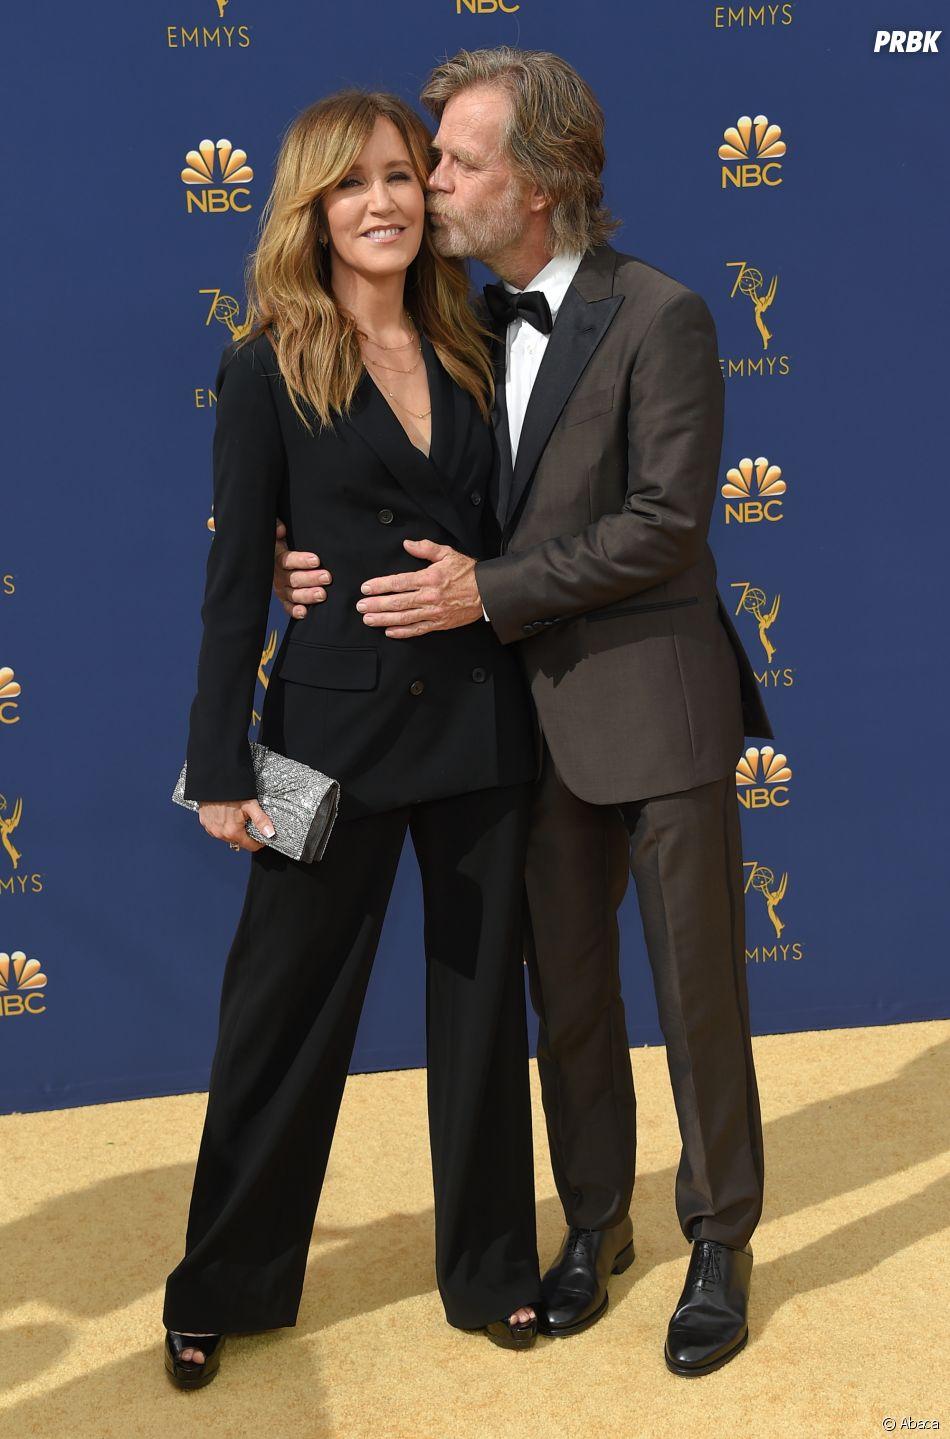 Felicity Huffman et son mari William H. Macy sur le tapis rouge des Emmy Awards 2018 le 17 septembre à Los Angeles